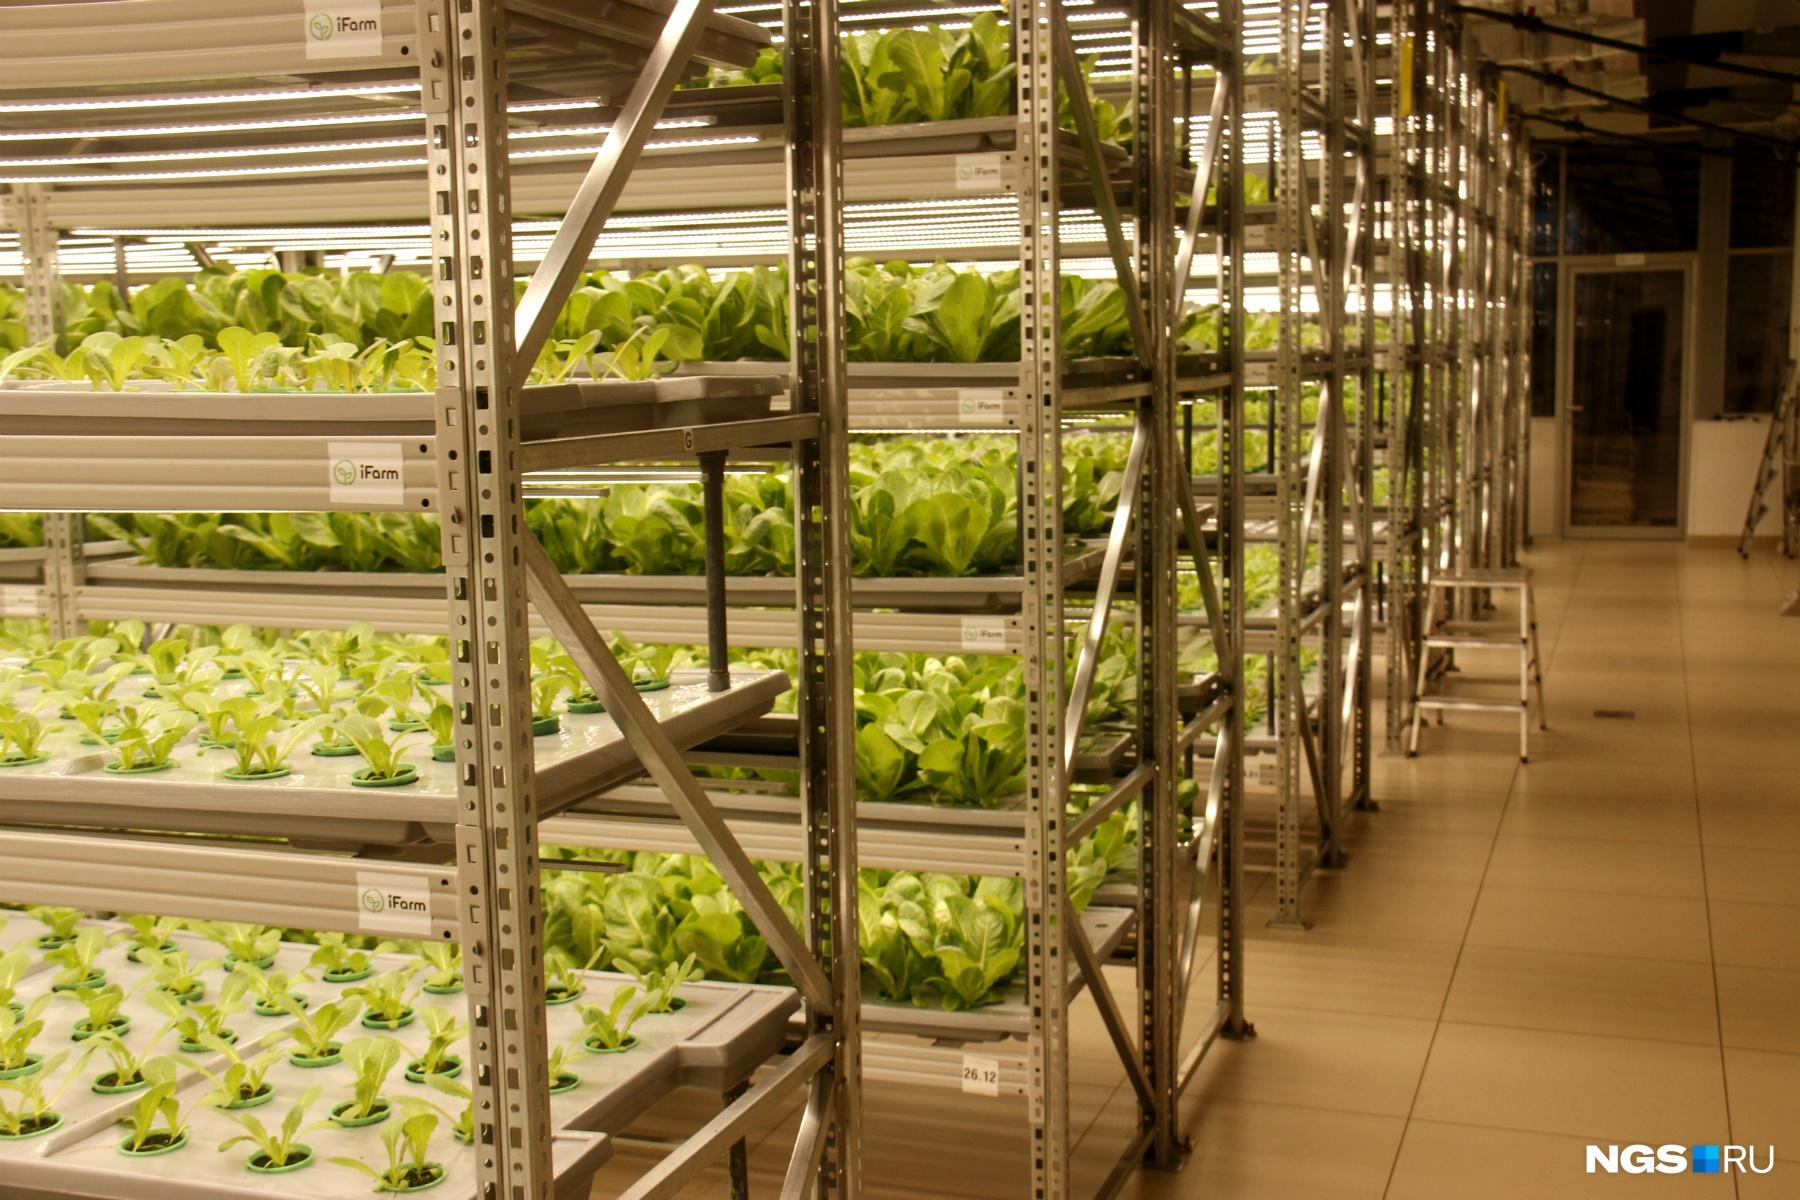 На площади 250 квадратных метров ежедневно созревает порядка 3500 горшочков с зеленью